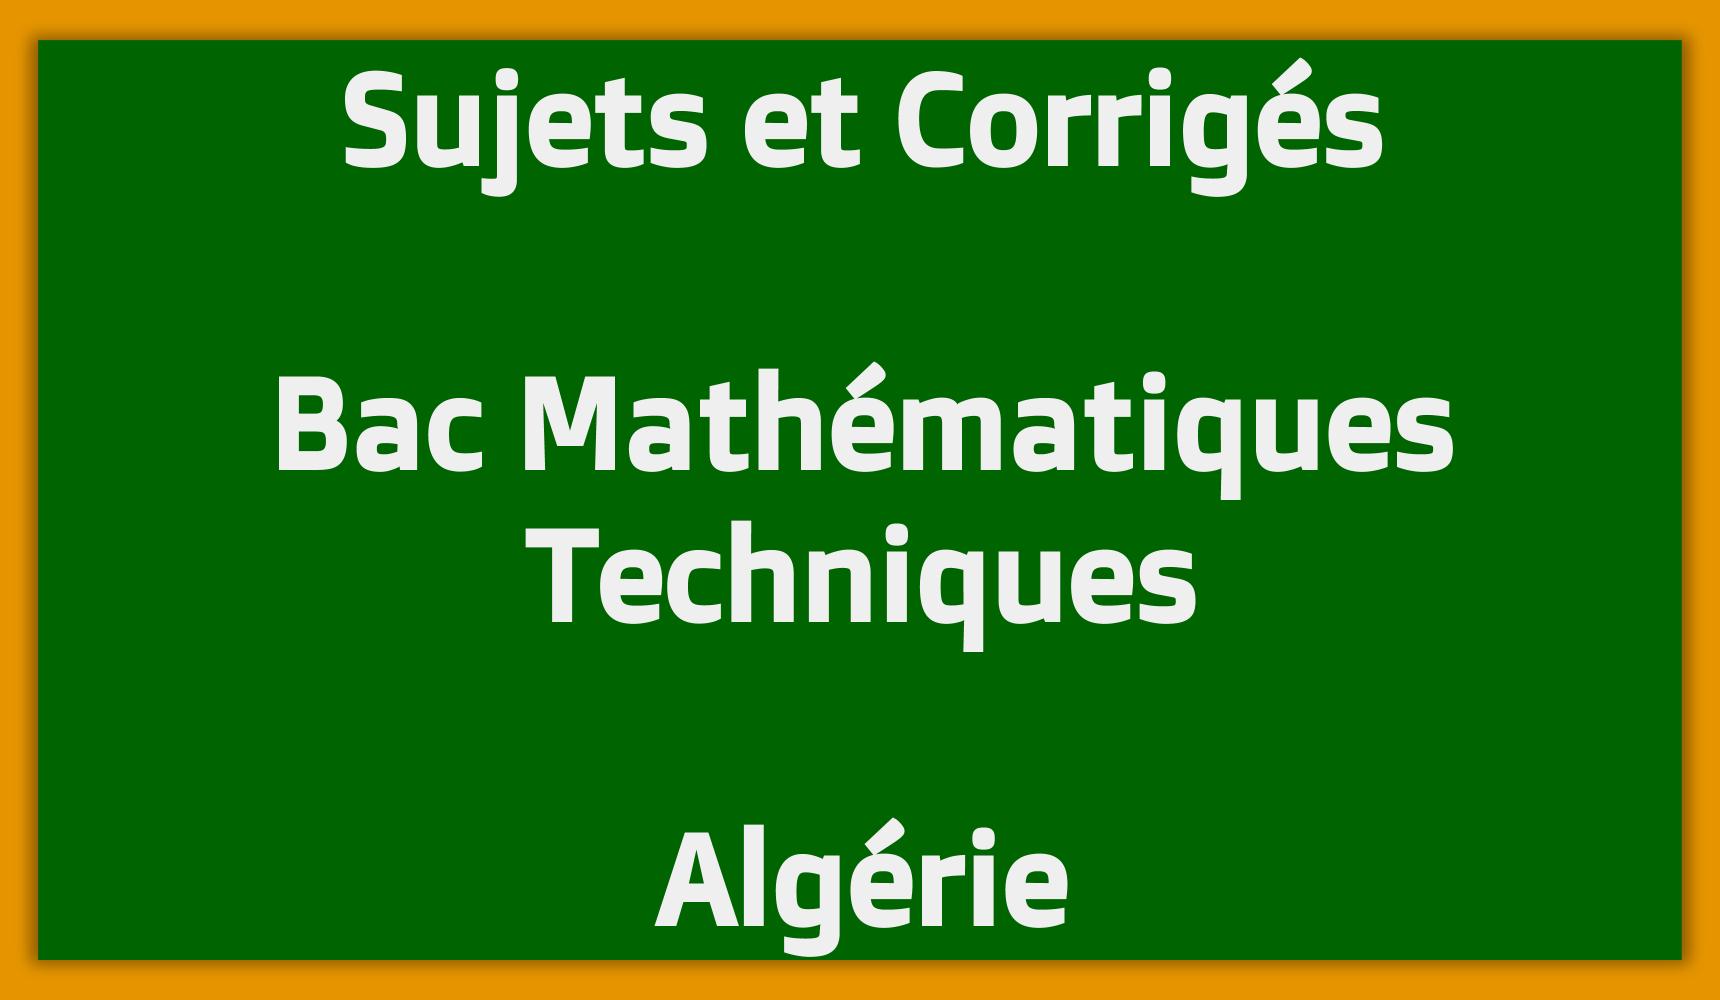 Sujets Corrigés Bac Mathématiques Techniques Algérie